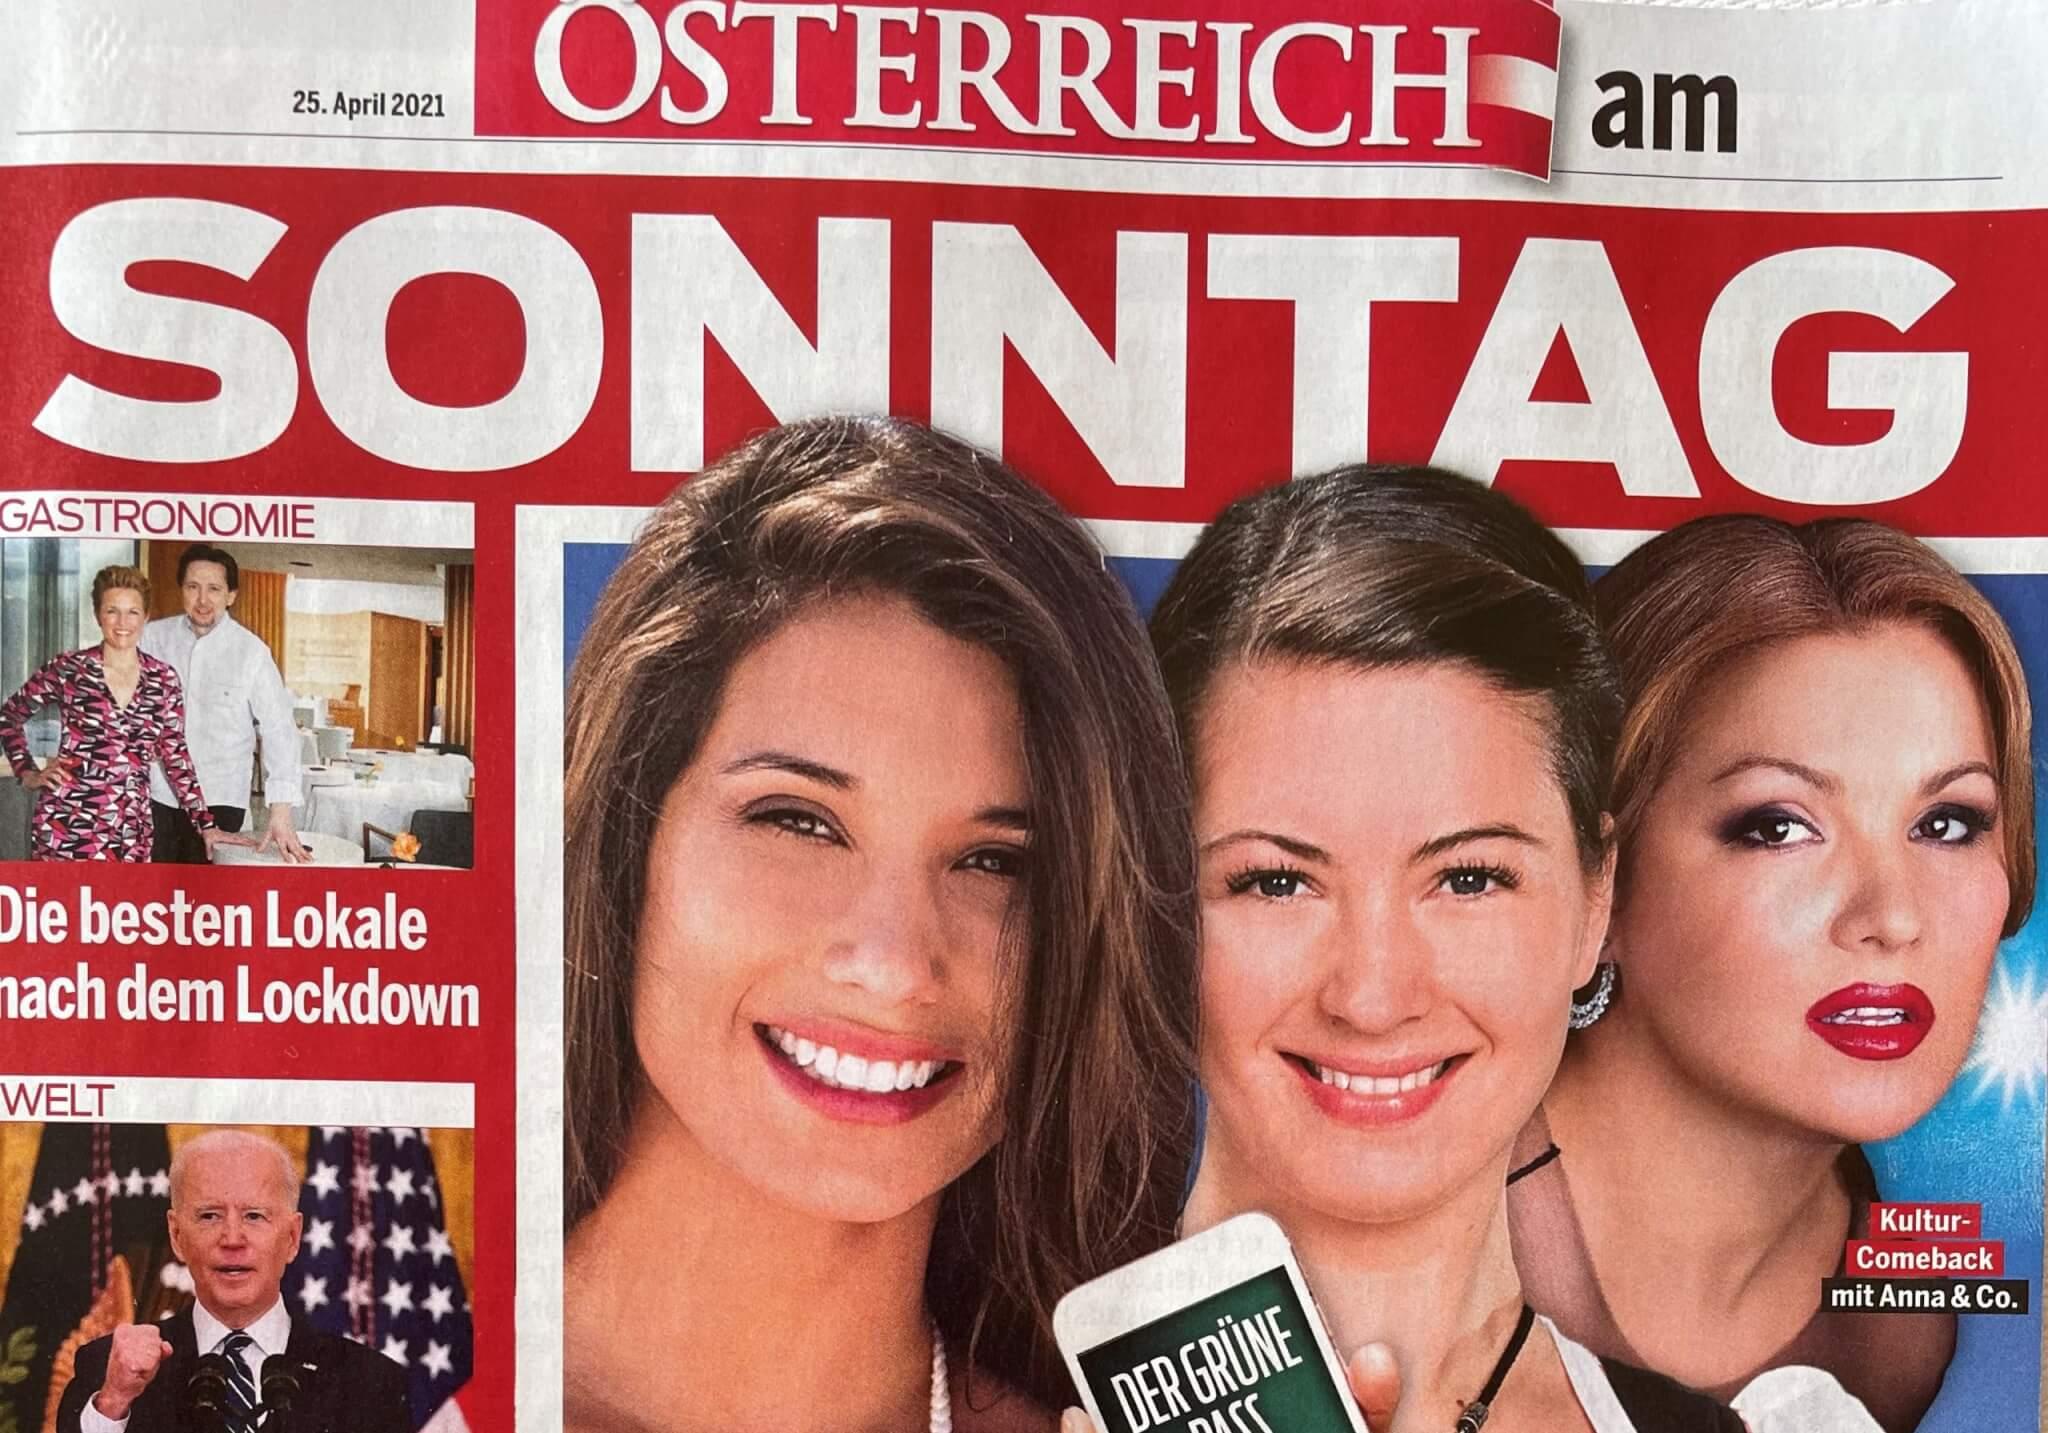 Österreich am Sonntag